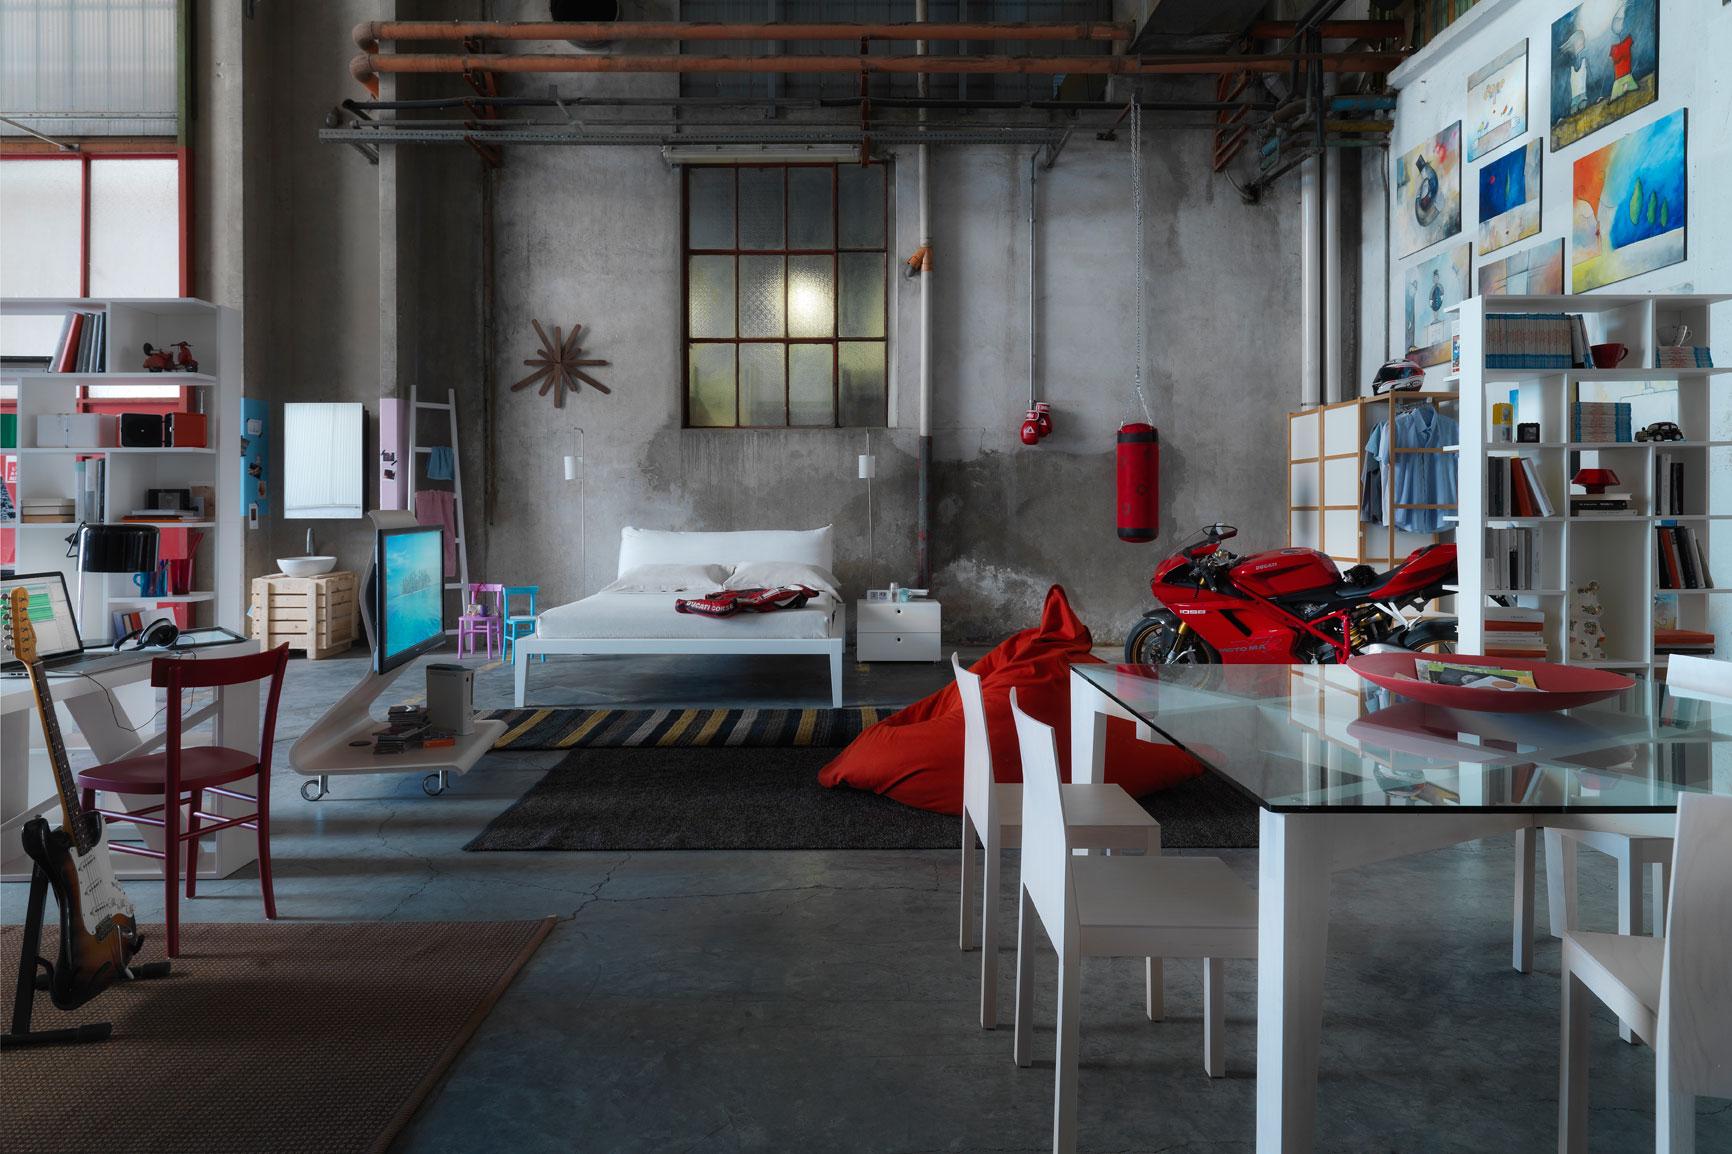 muebles dormitorio salon loft horm mallorca